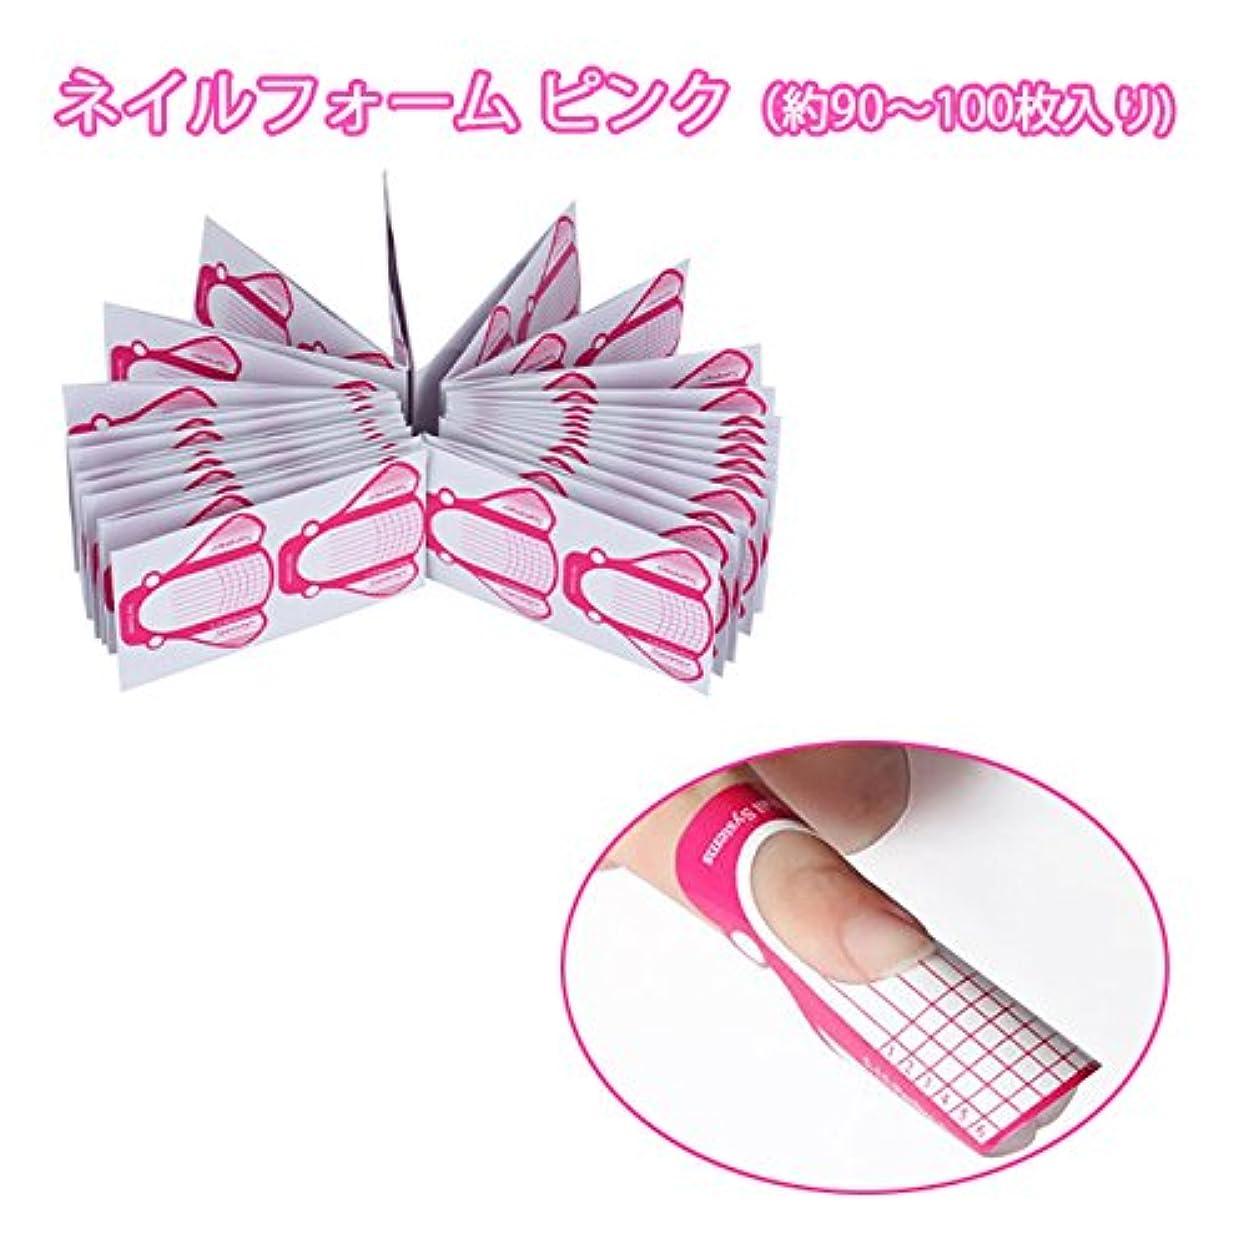 ベールアイスクリーム汚すネイルフォーム ピンク(約90~100枚入り)